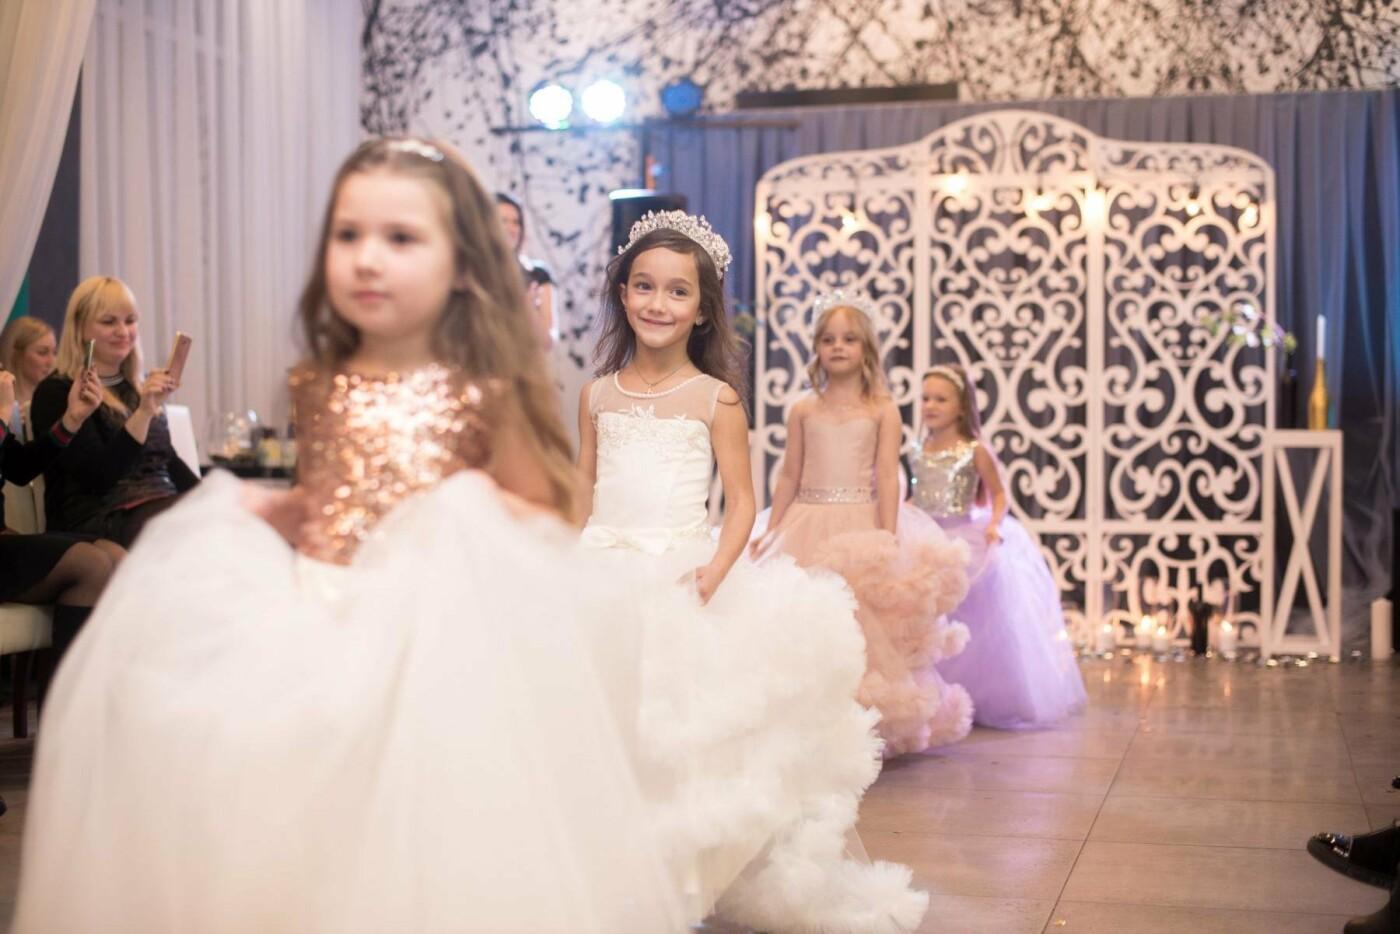 """Свадебный салон """"Белая орхидея"""" провел розыгрыш золотого украшения, фото-8"""